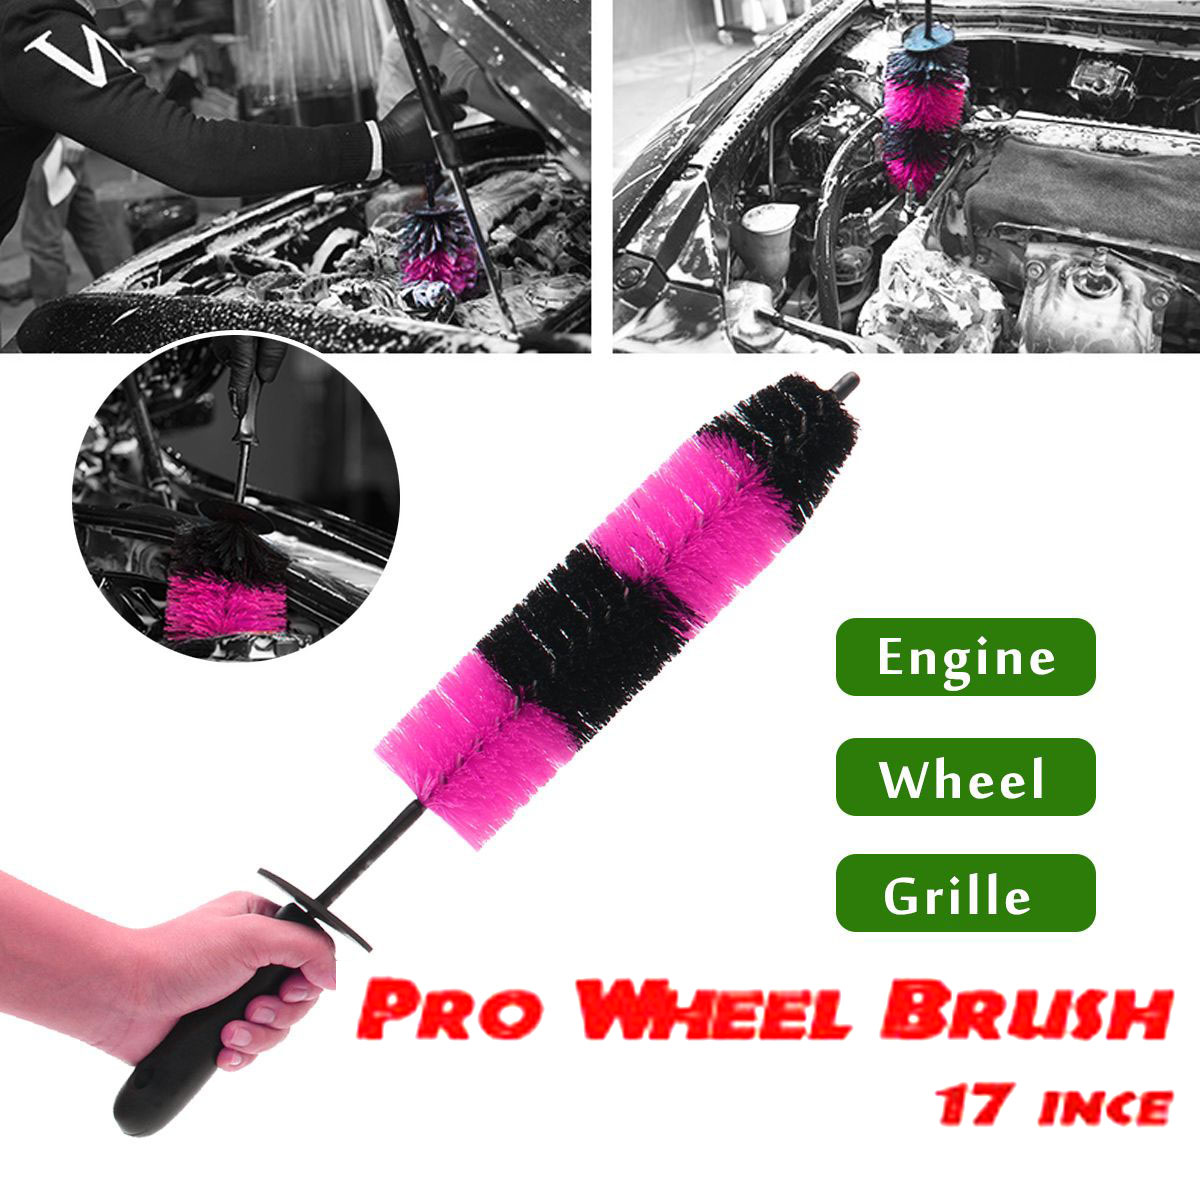 """Pro Wheel Brush ขนาด 17"""""""